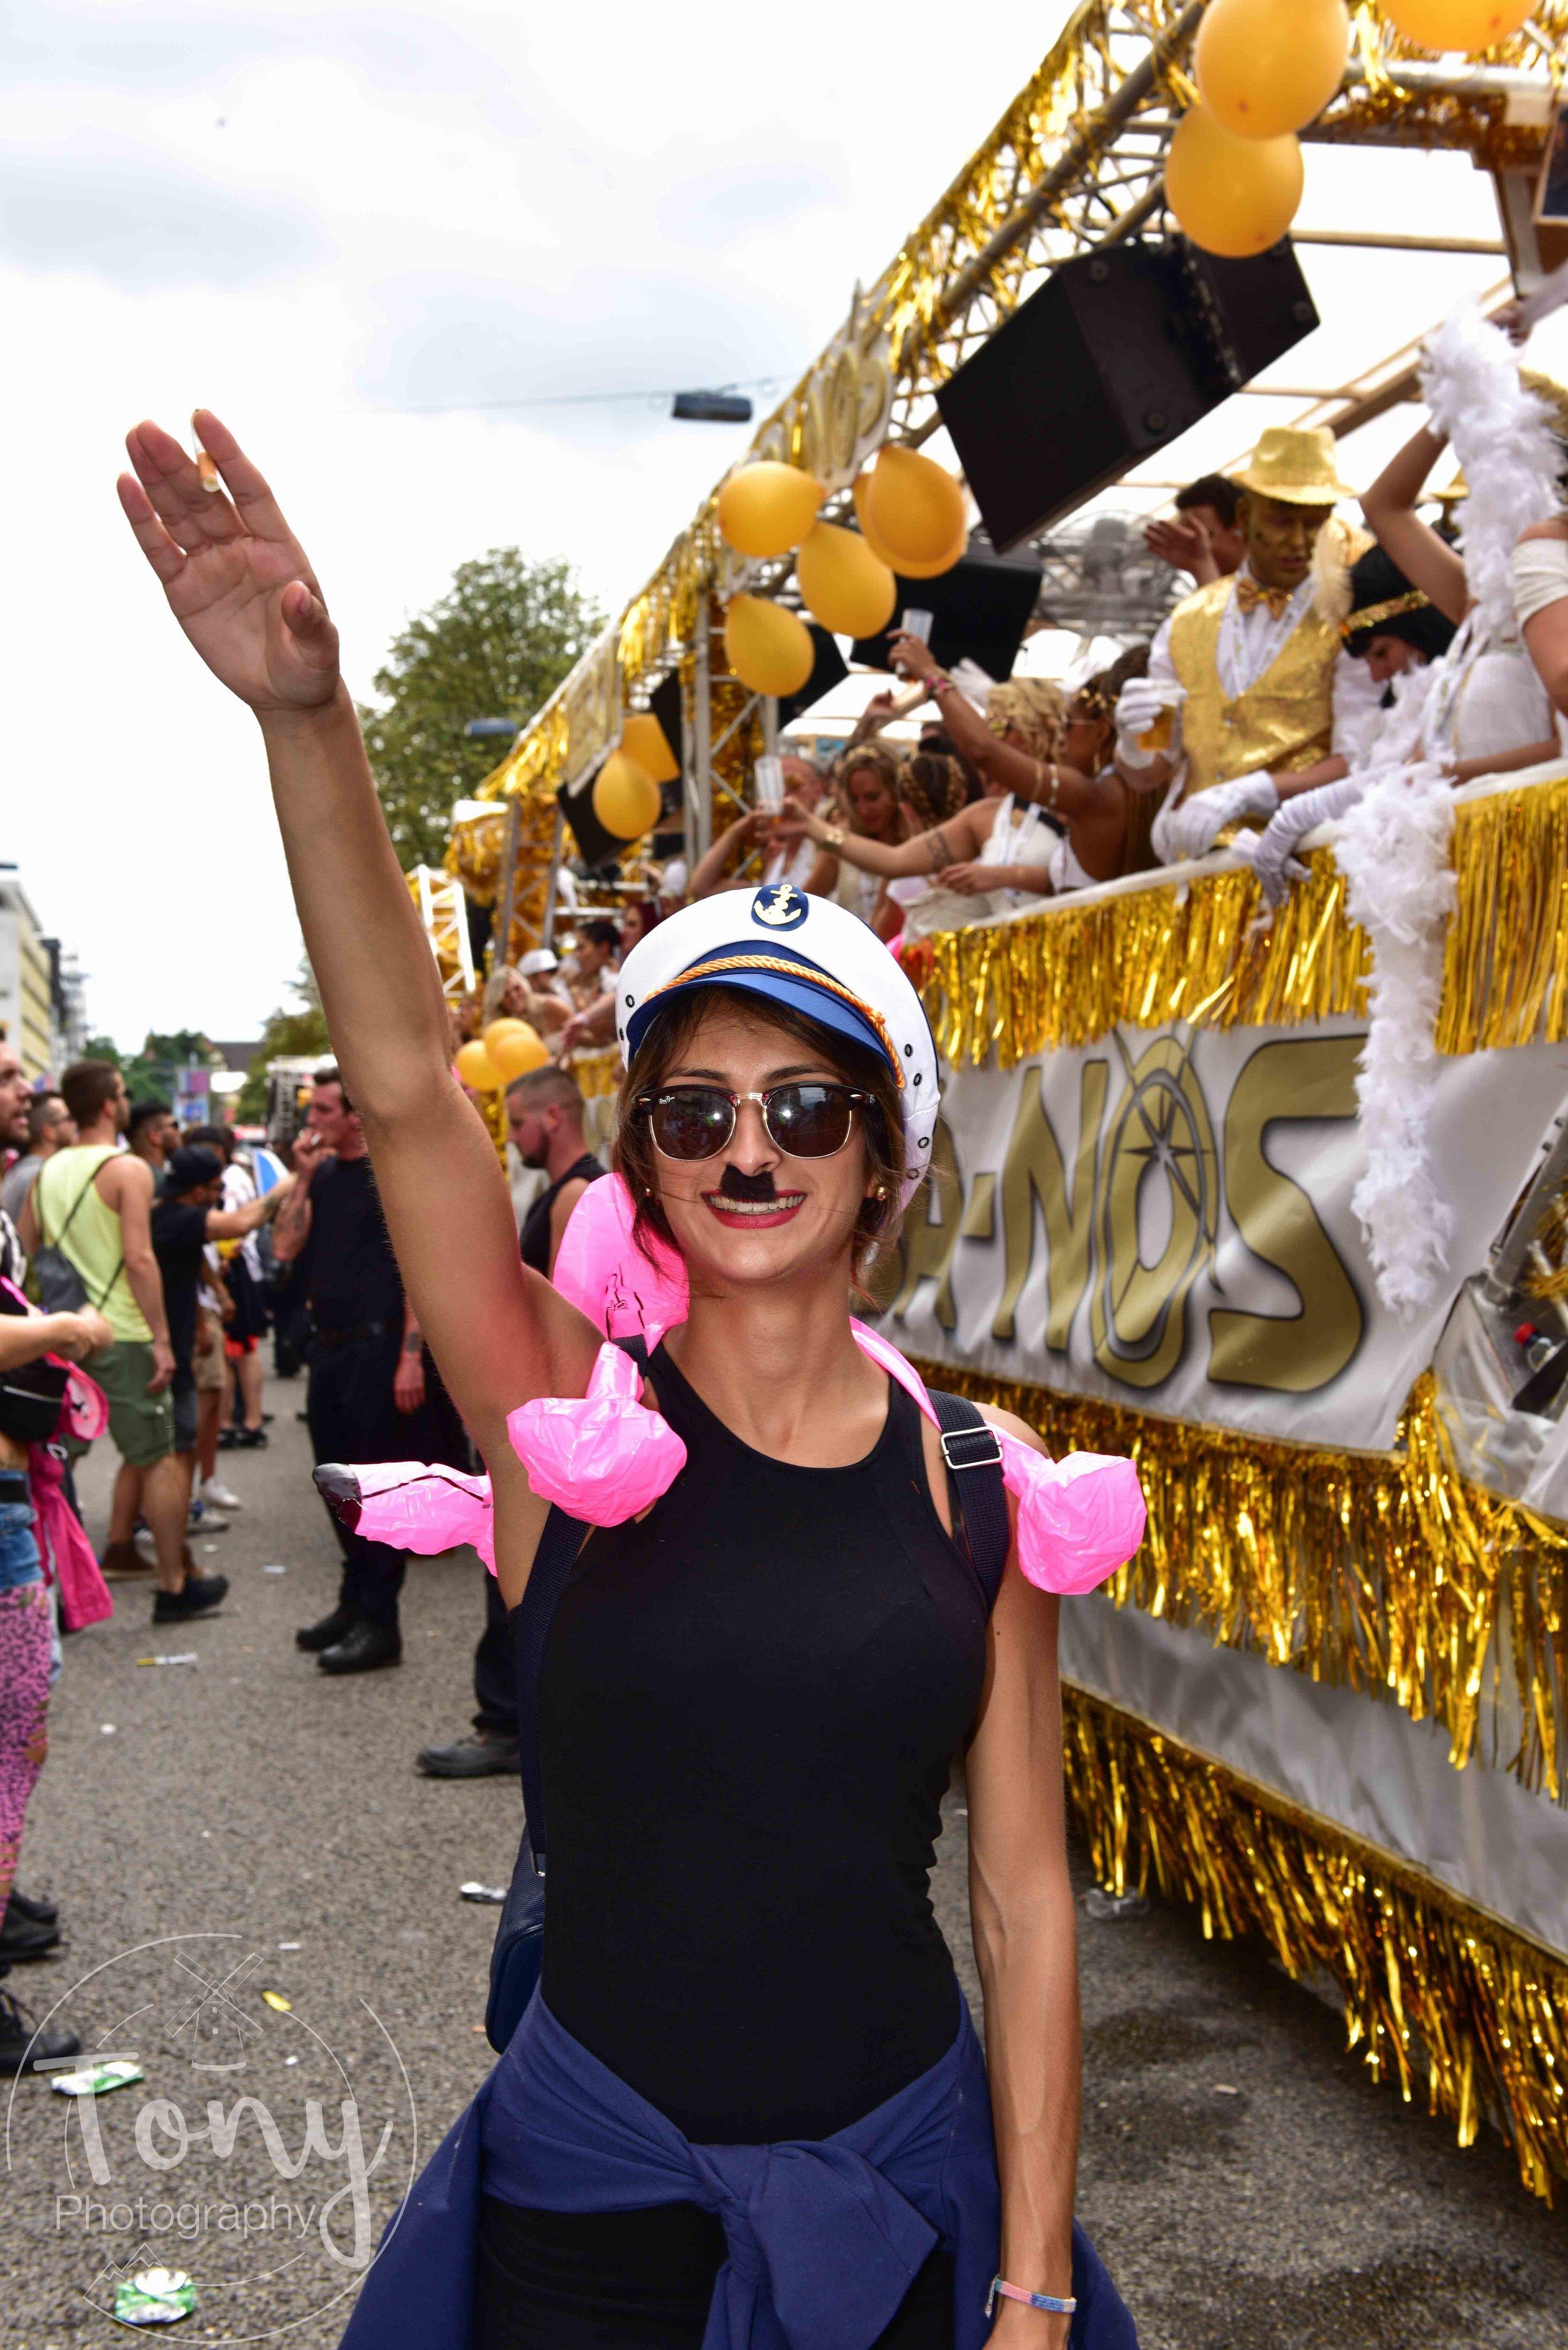 streetparade-108.jpg